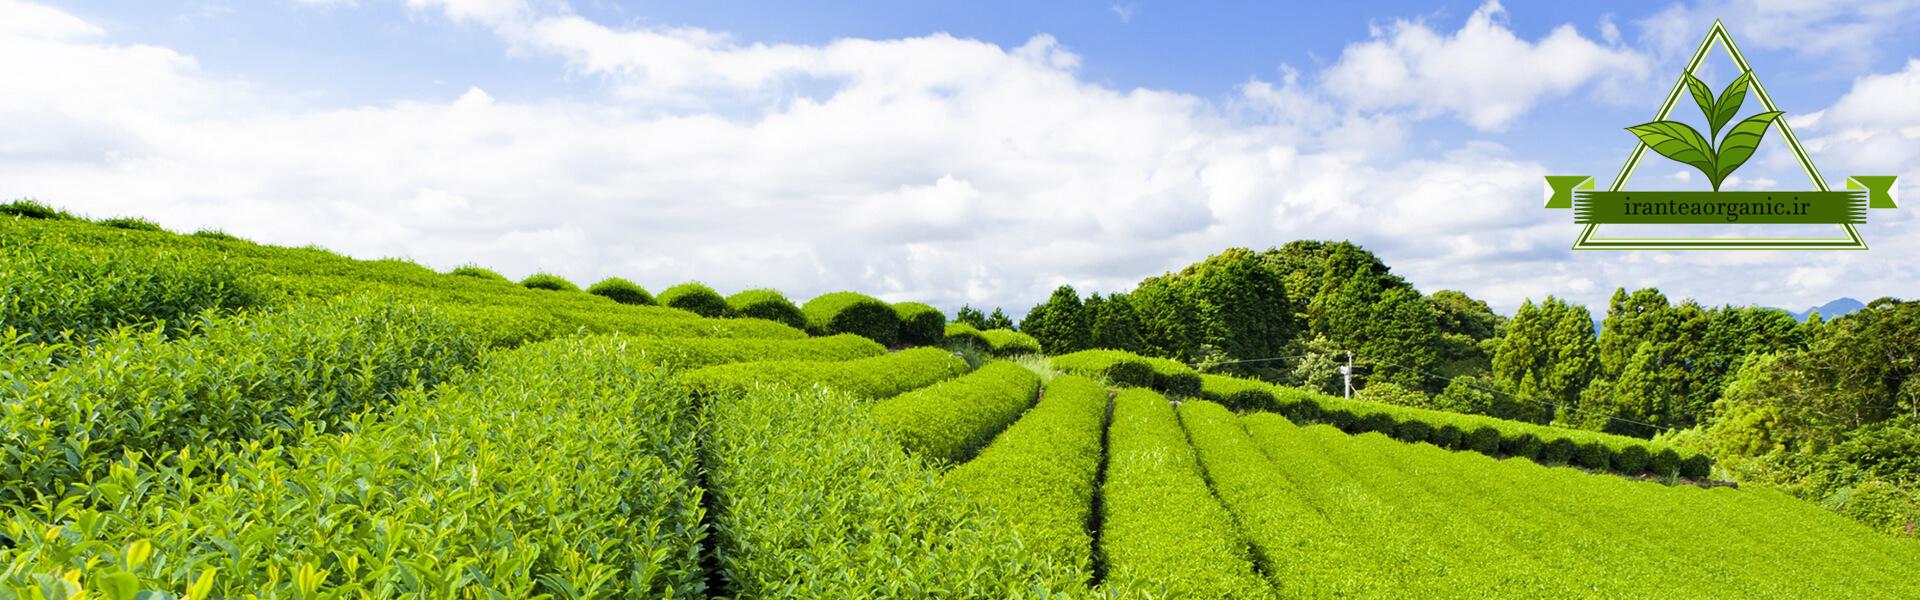 صنعت چای شمال